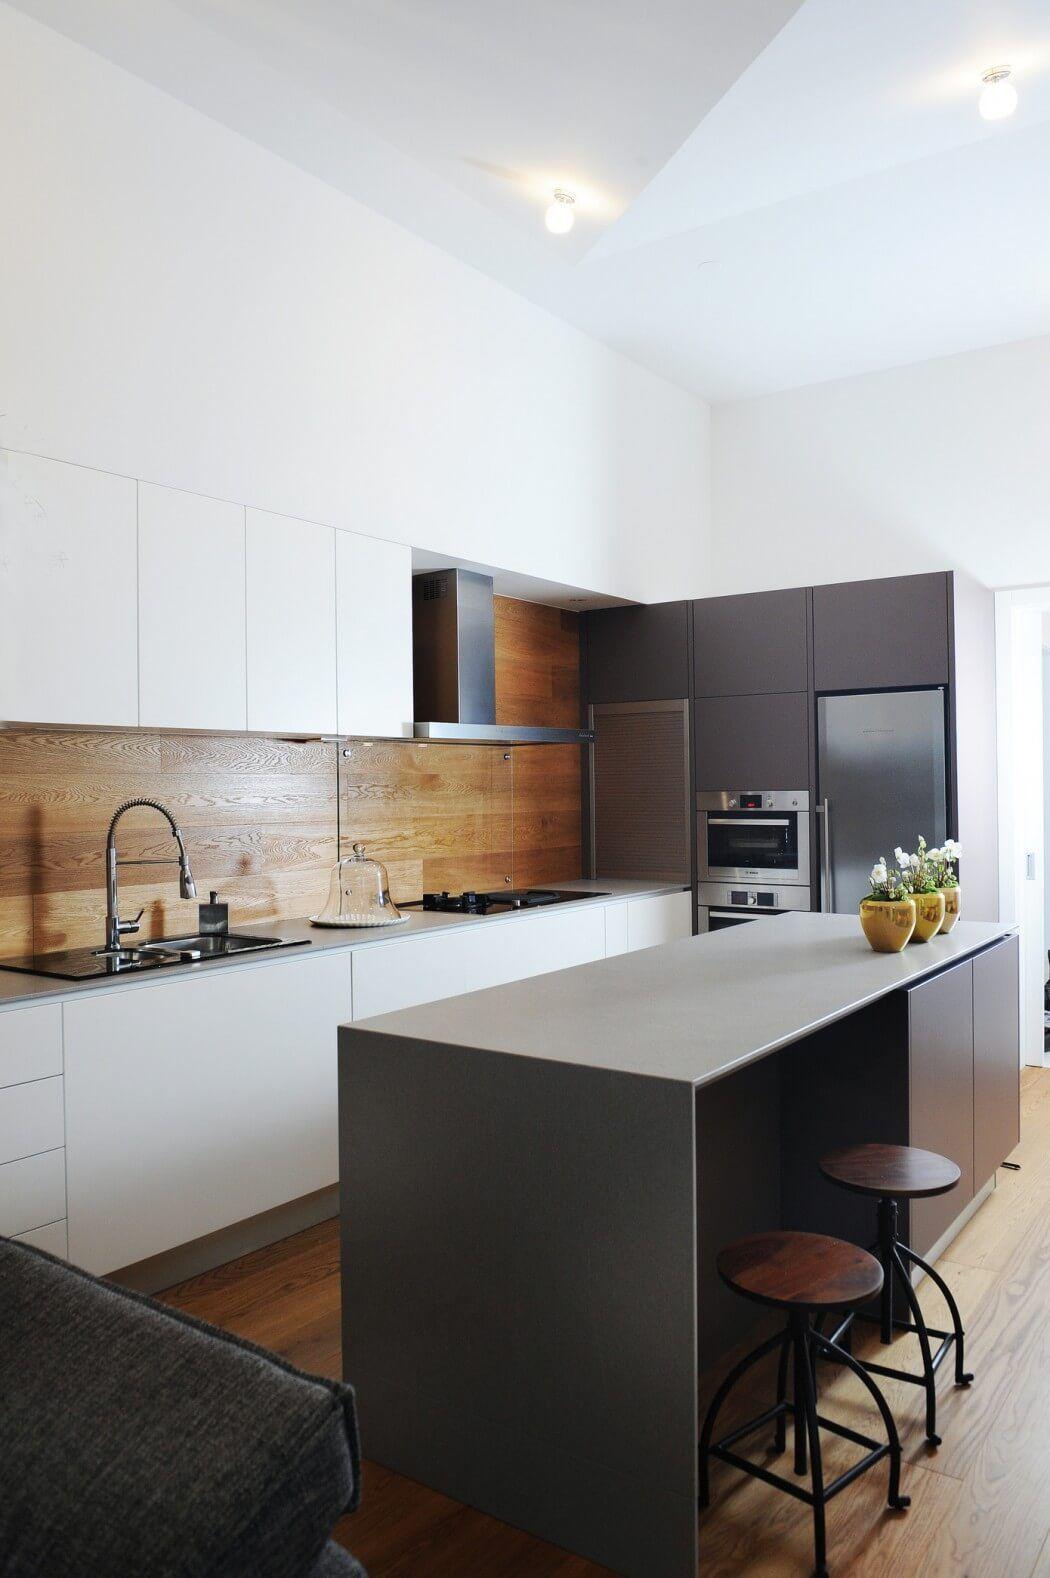 100 idee di cucine moderne con elementi in legno   Architects ...